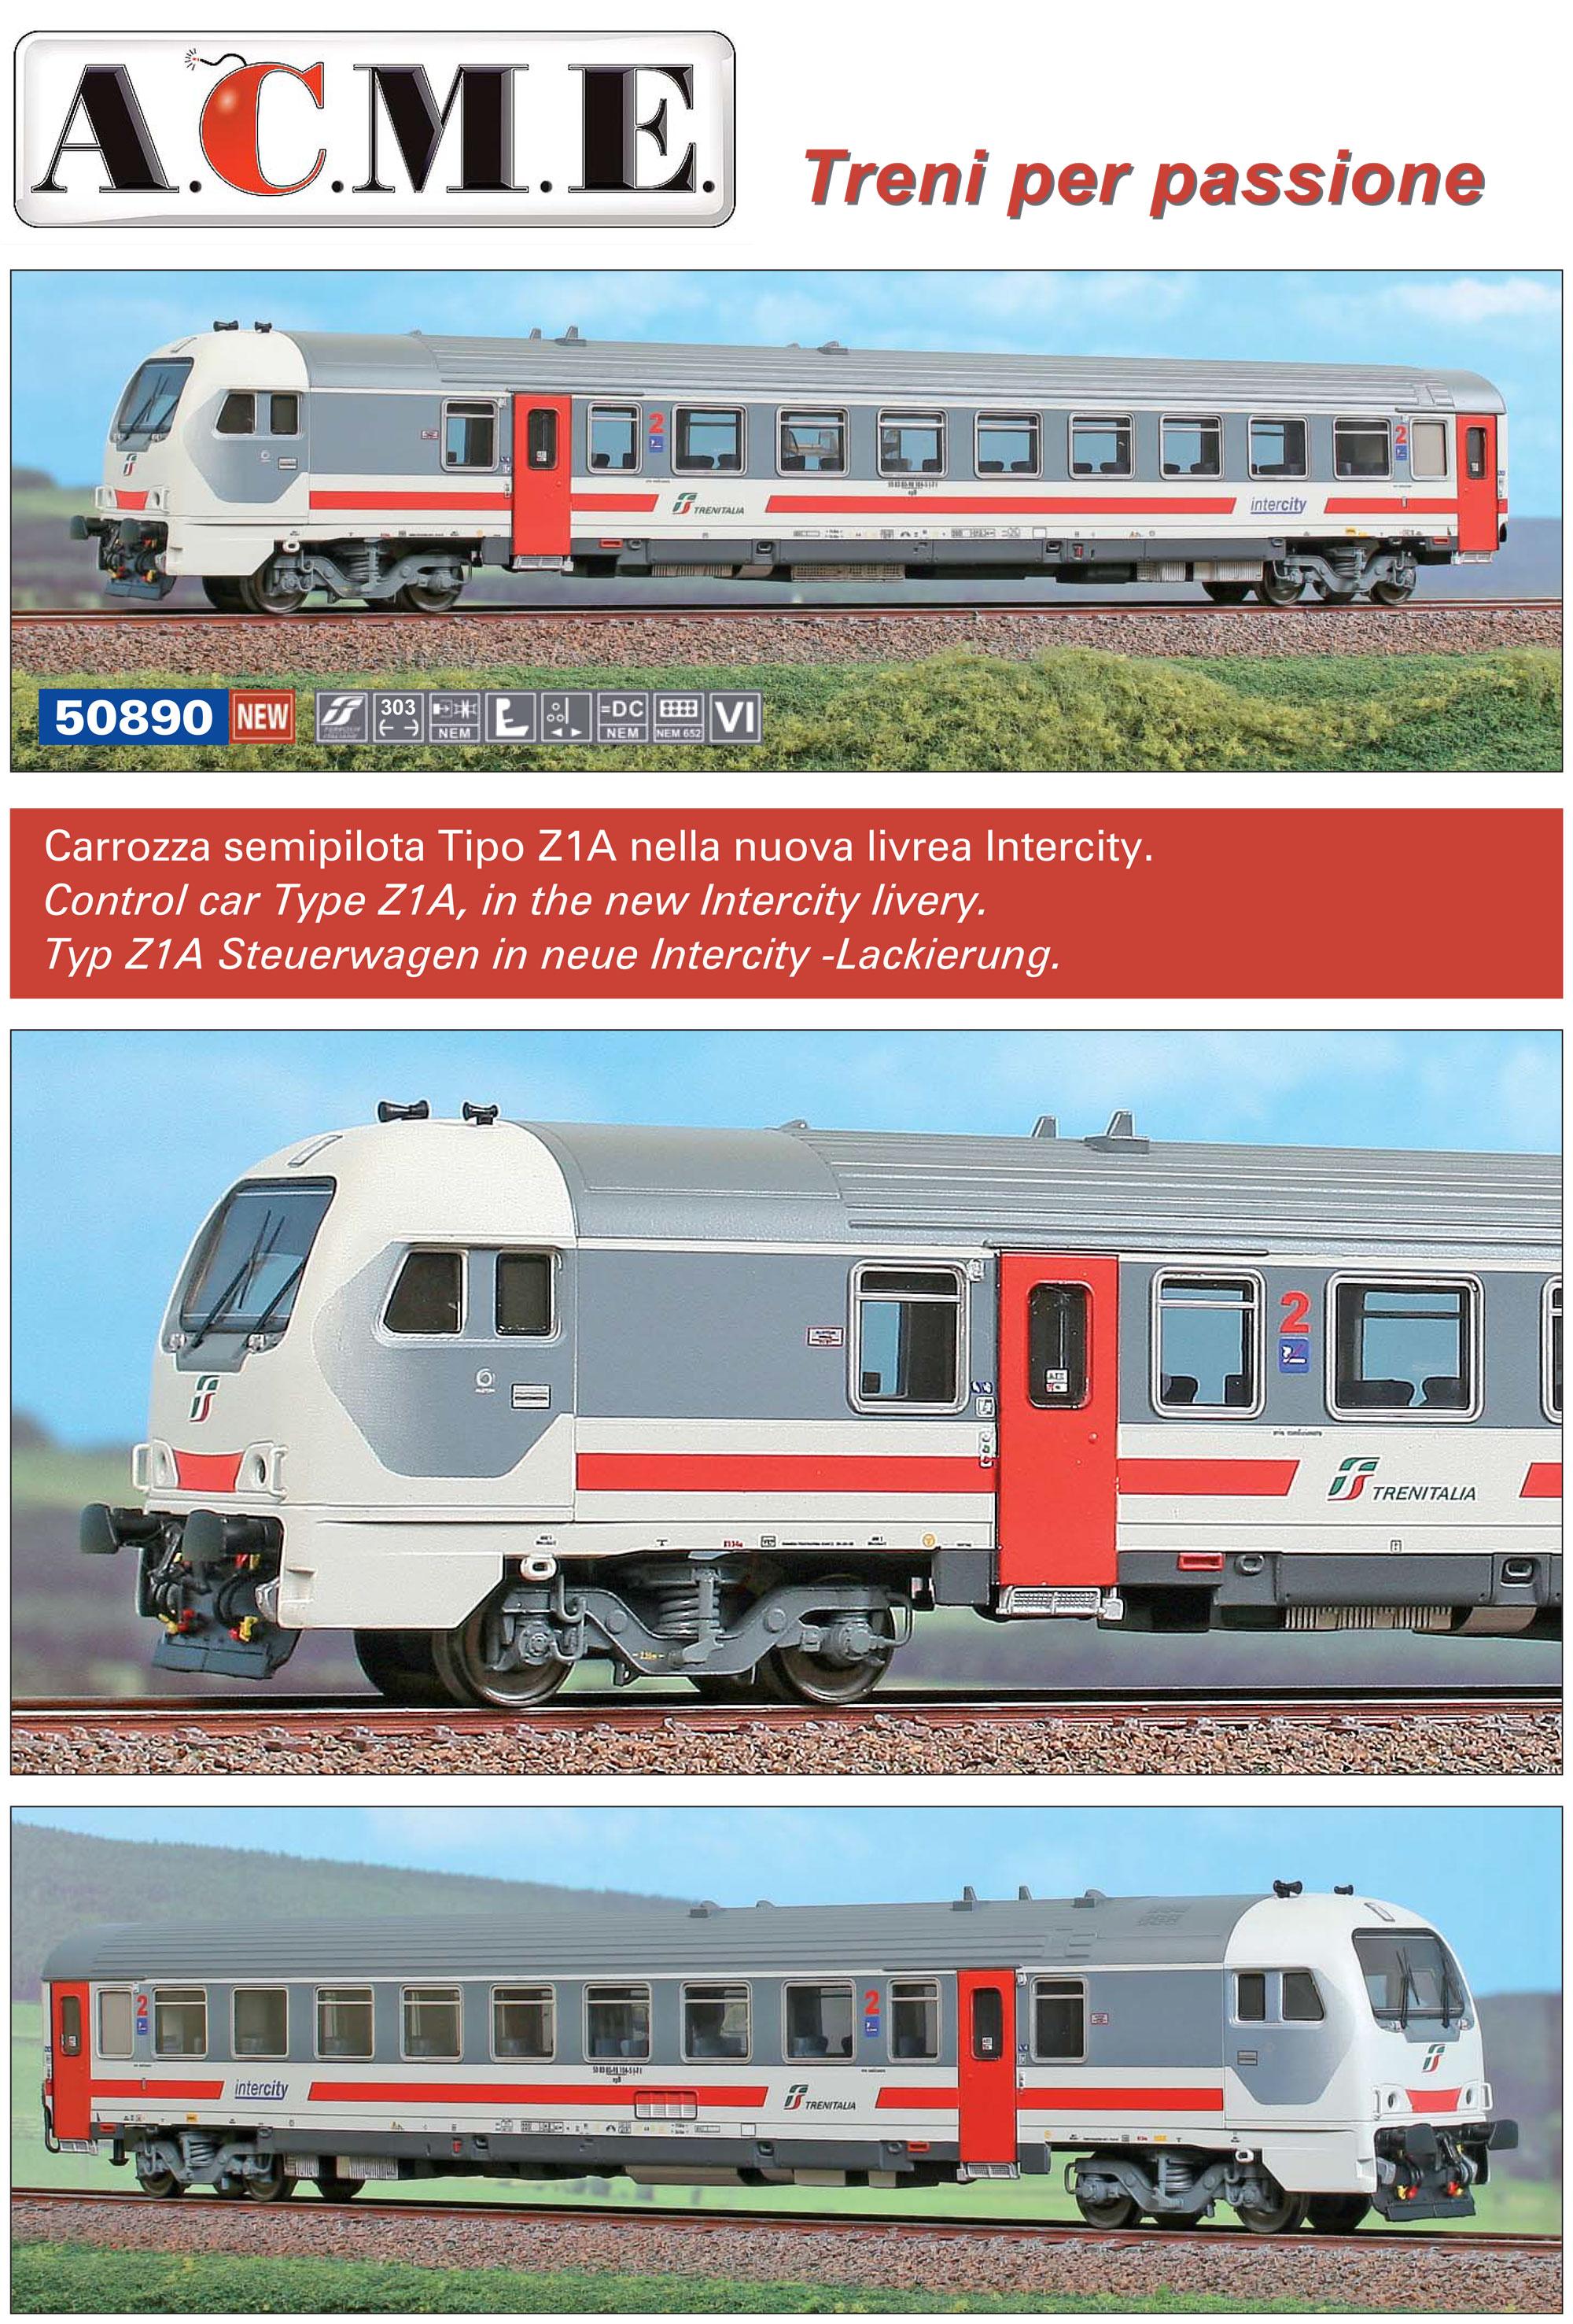 A.C.M.E - Trenitalia - Z1A control car (Intercity livery)